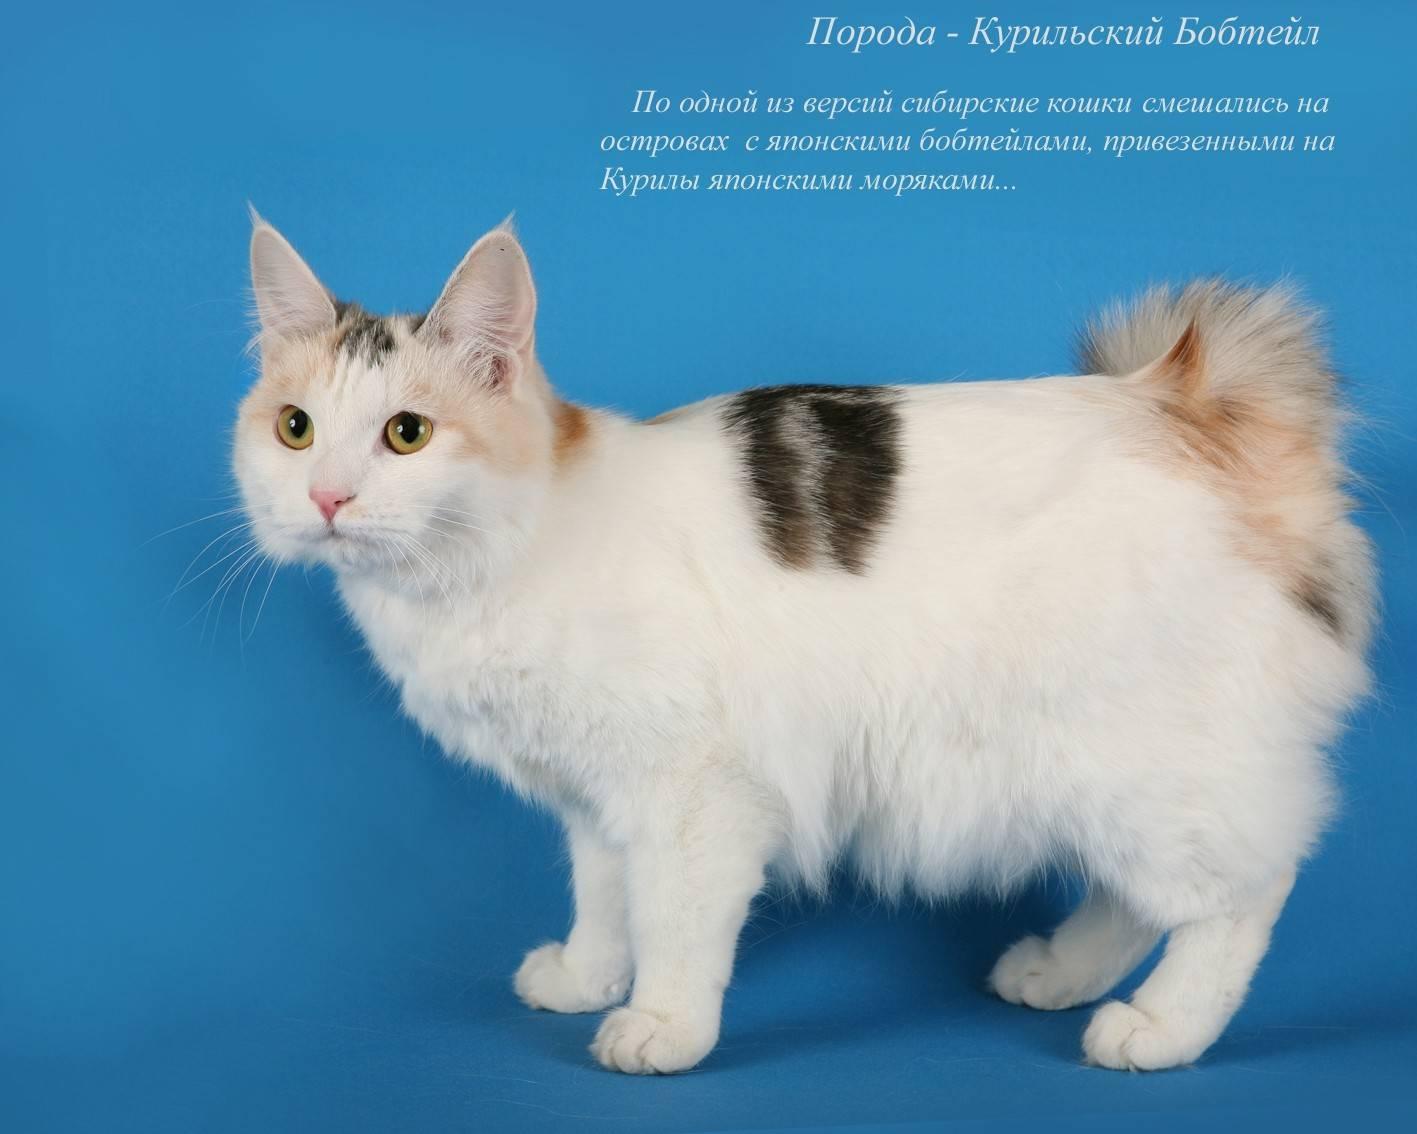 Описание, характер, кормление и разведение кошек японский бобтейл